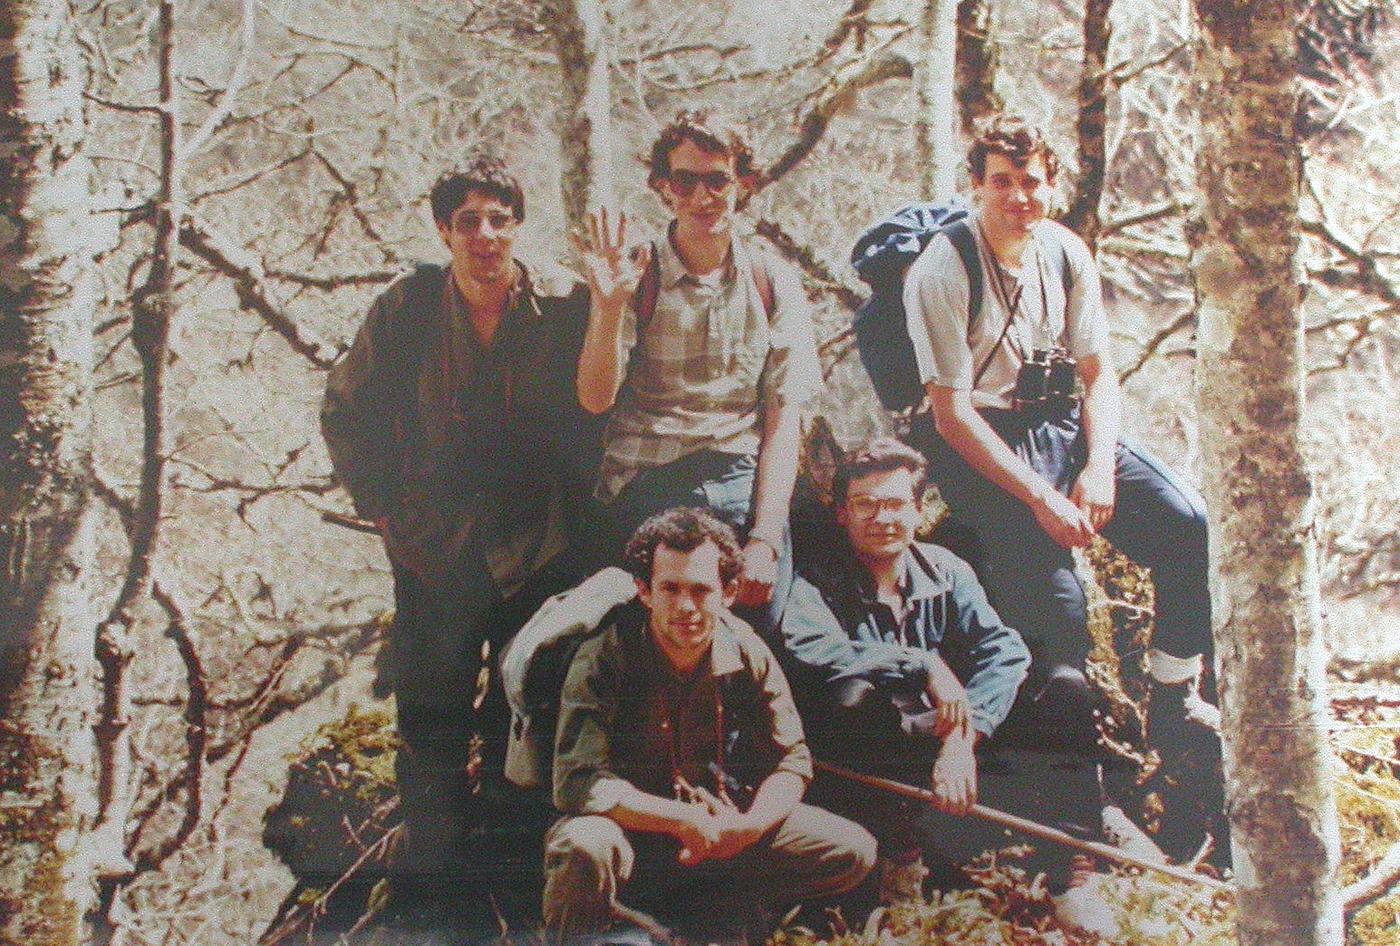 Excursión a Hermo Cangas, 1990